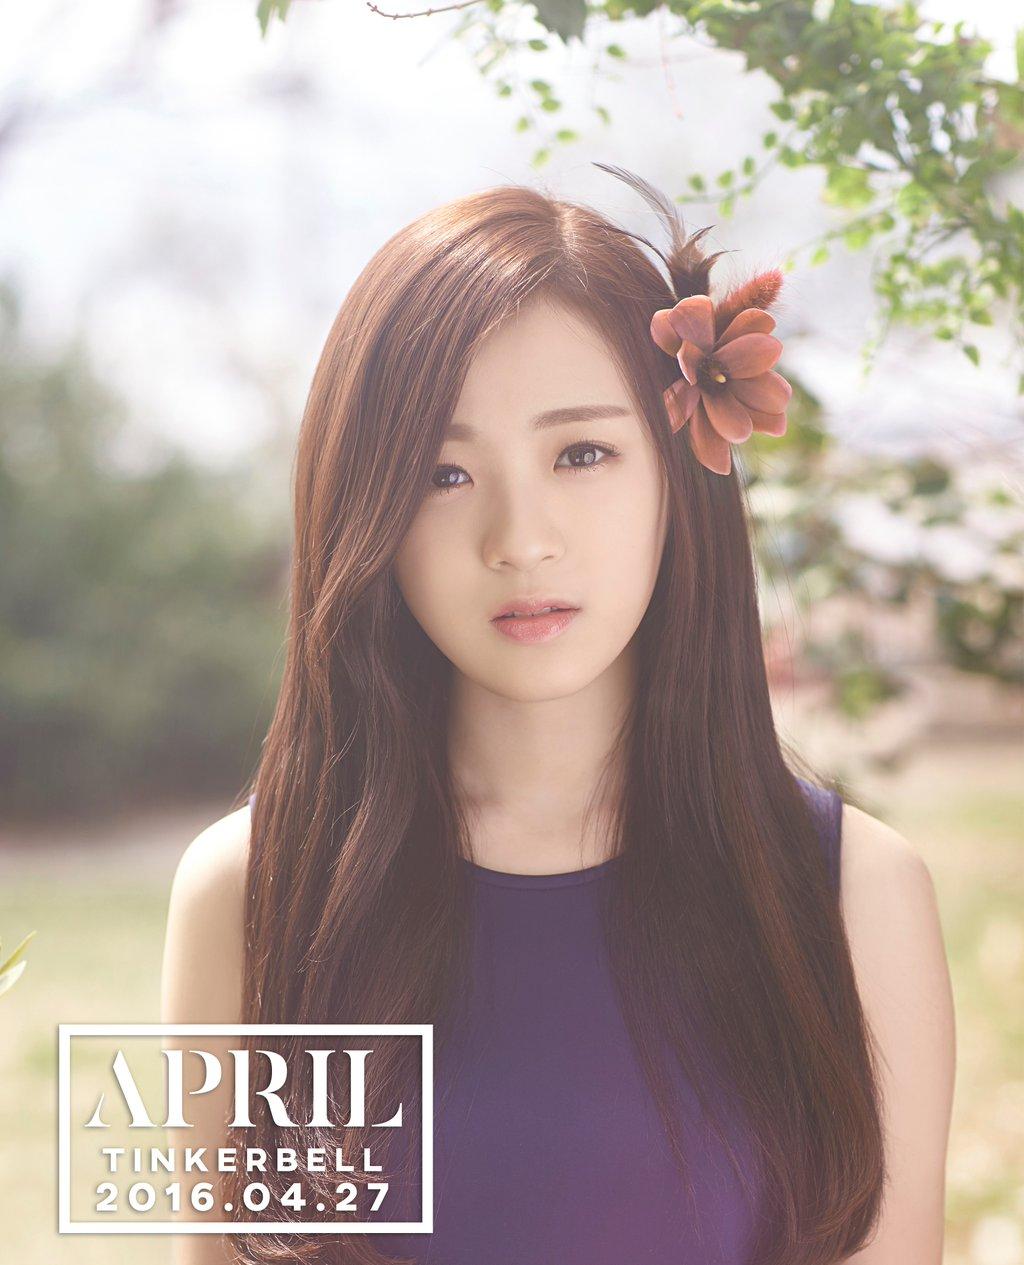 Taeyeon Cute Wallpaper Update April Reveals Quot Spring Quot Album Preview Soompi